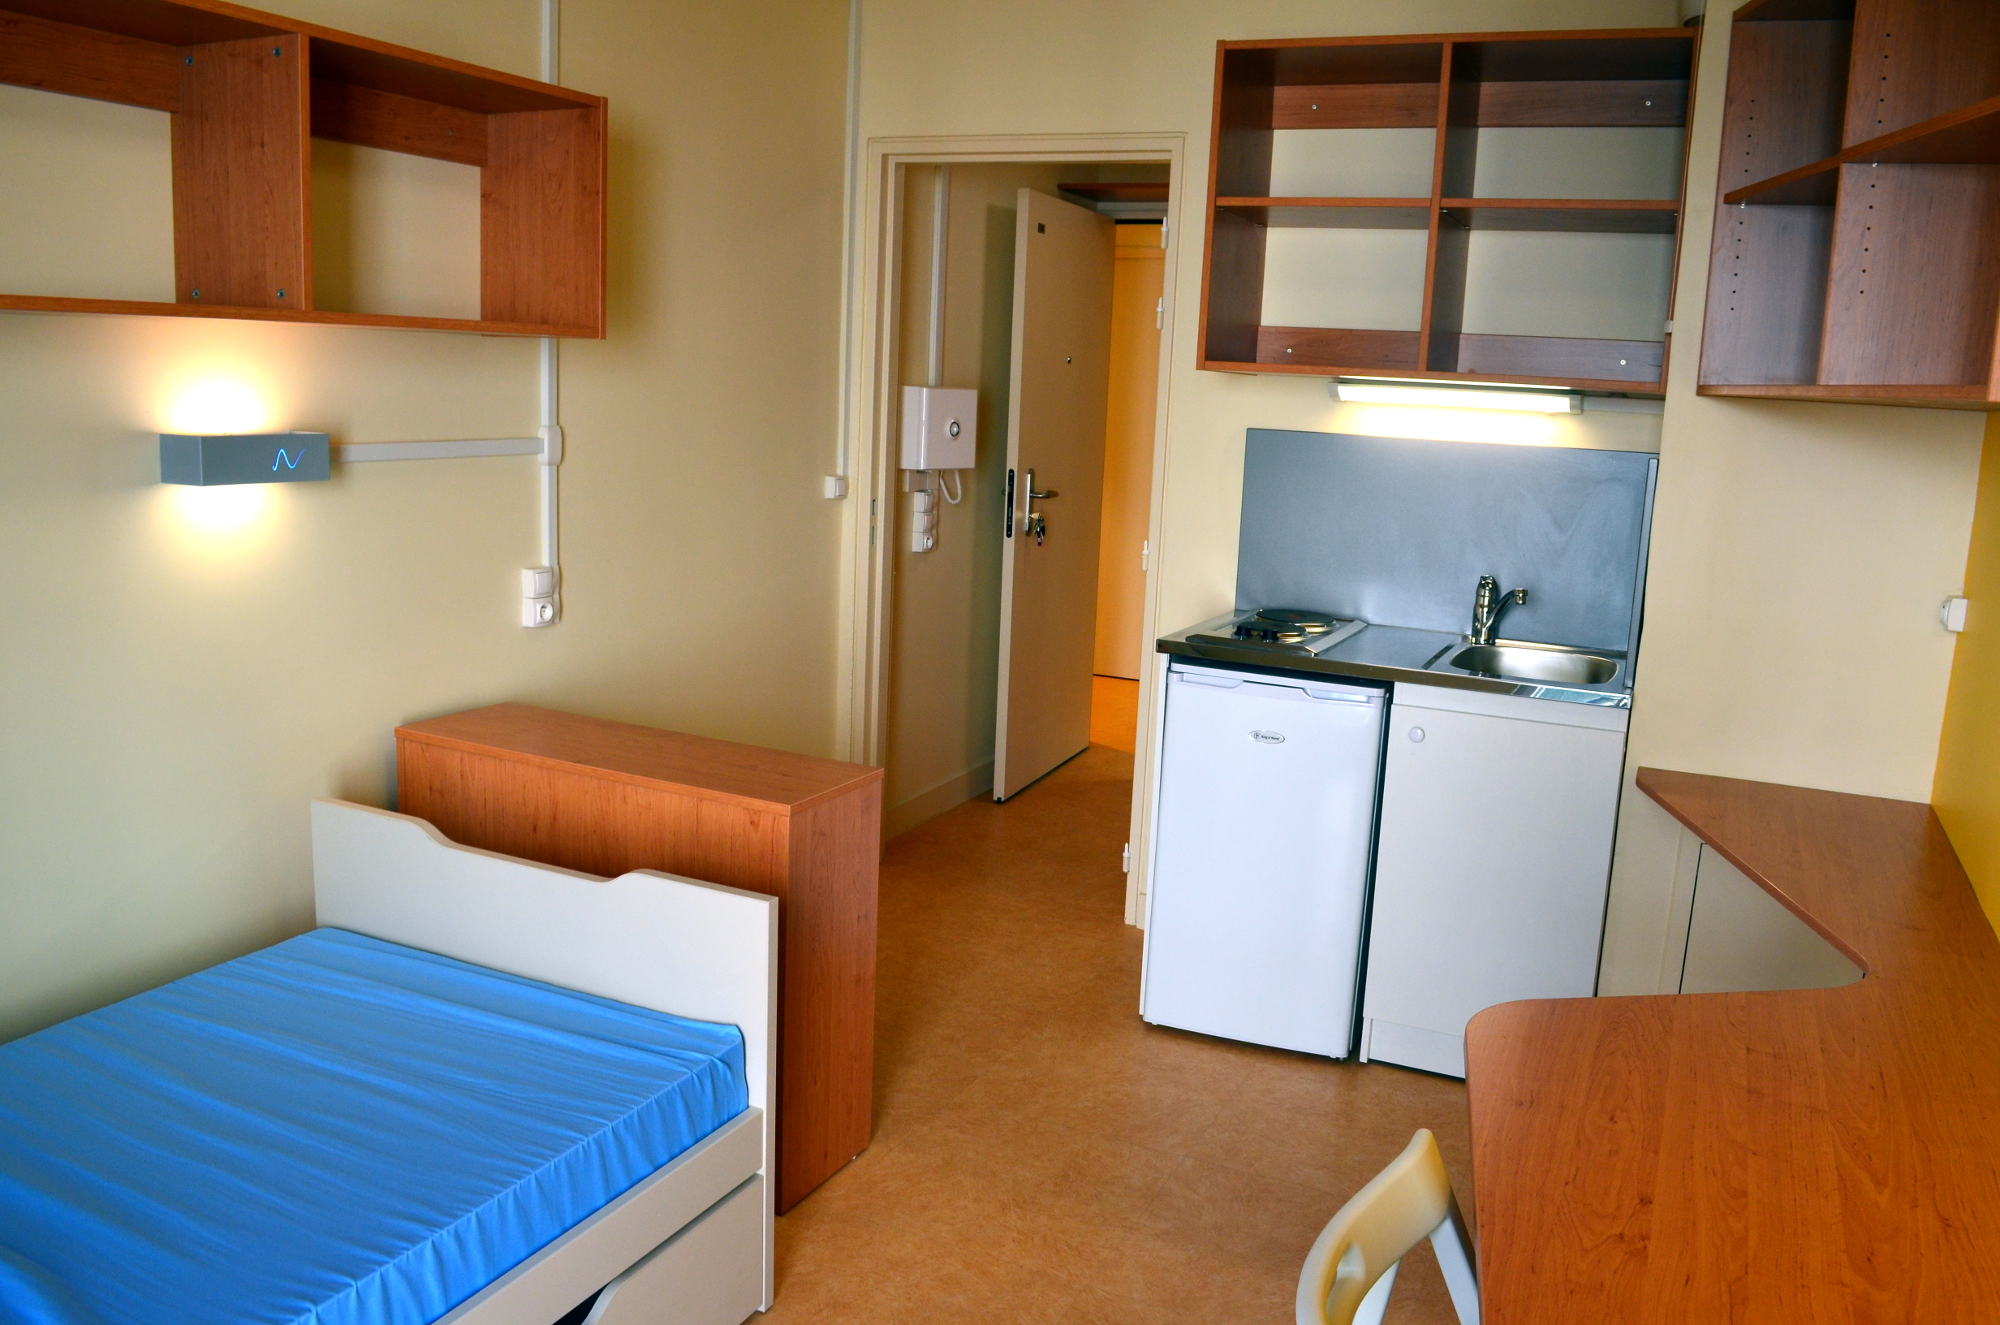 des chambres petits prix pour 15 jours le crous de rennes en propose plan te campus. Black Bedroom Furniture Sets. Home Design Ideas